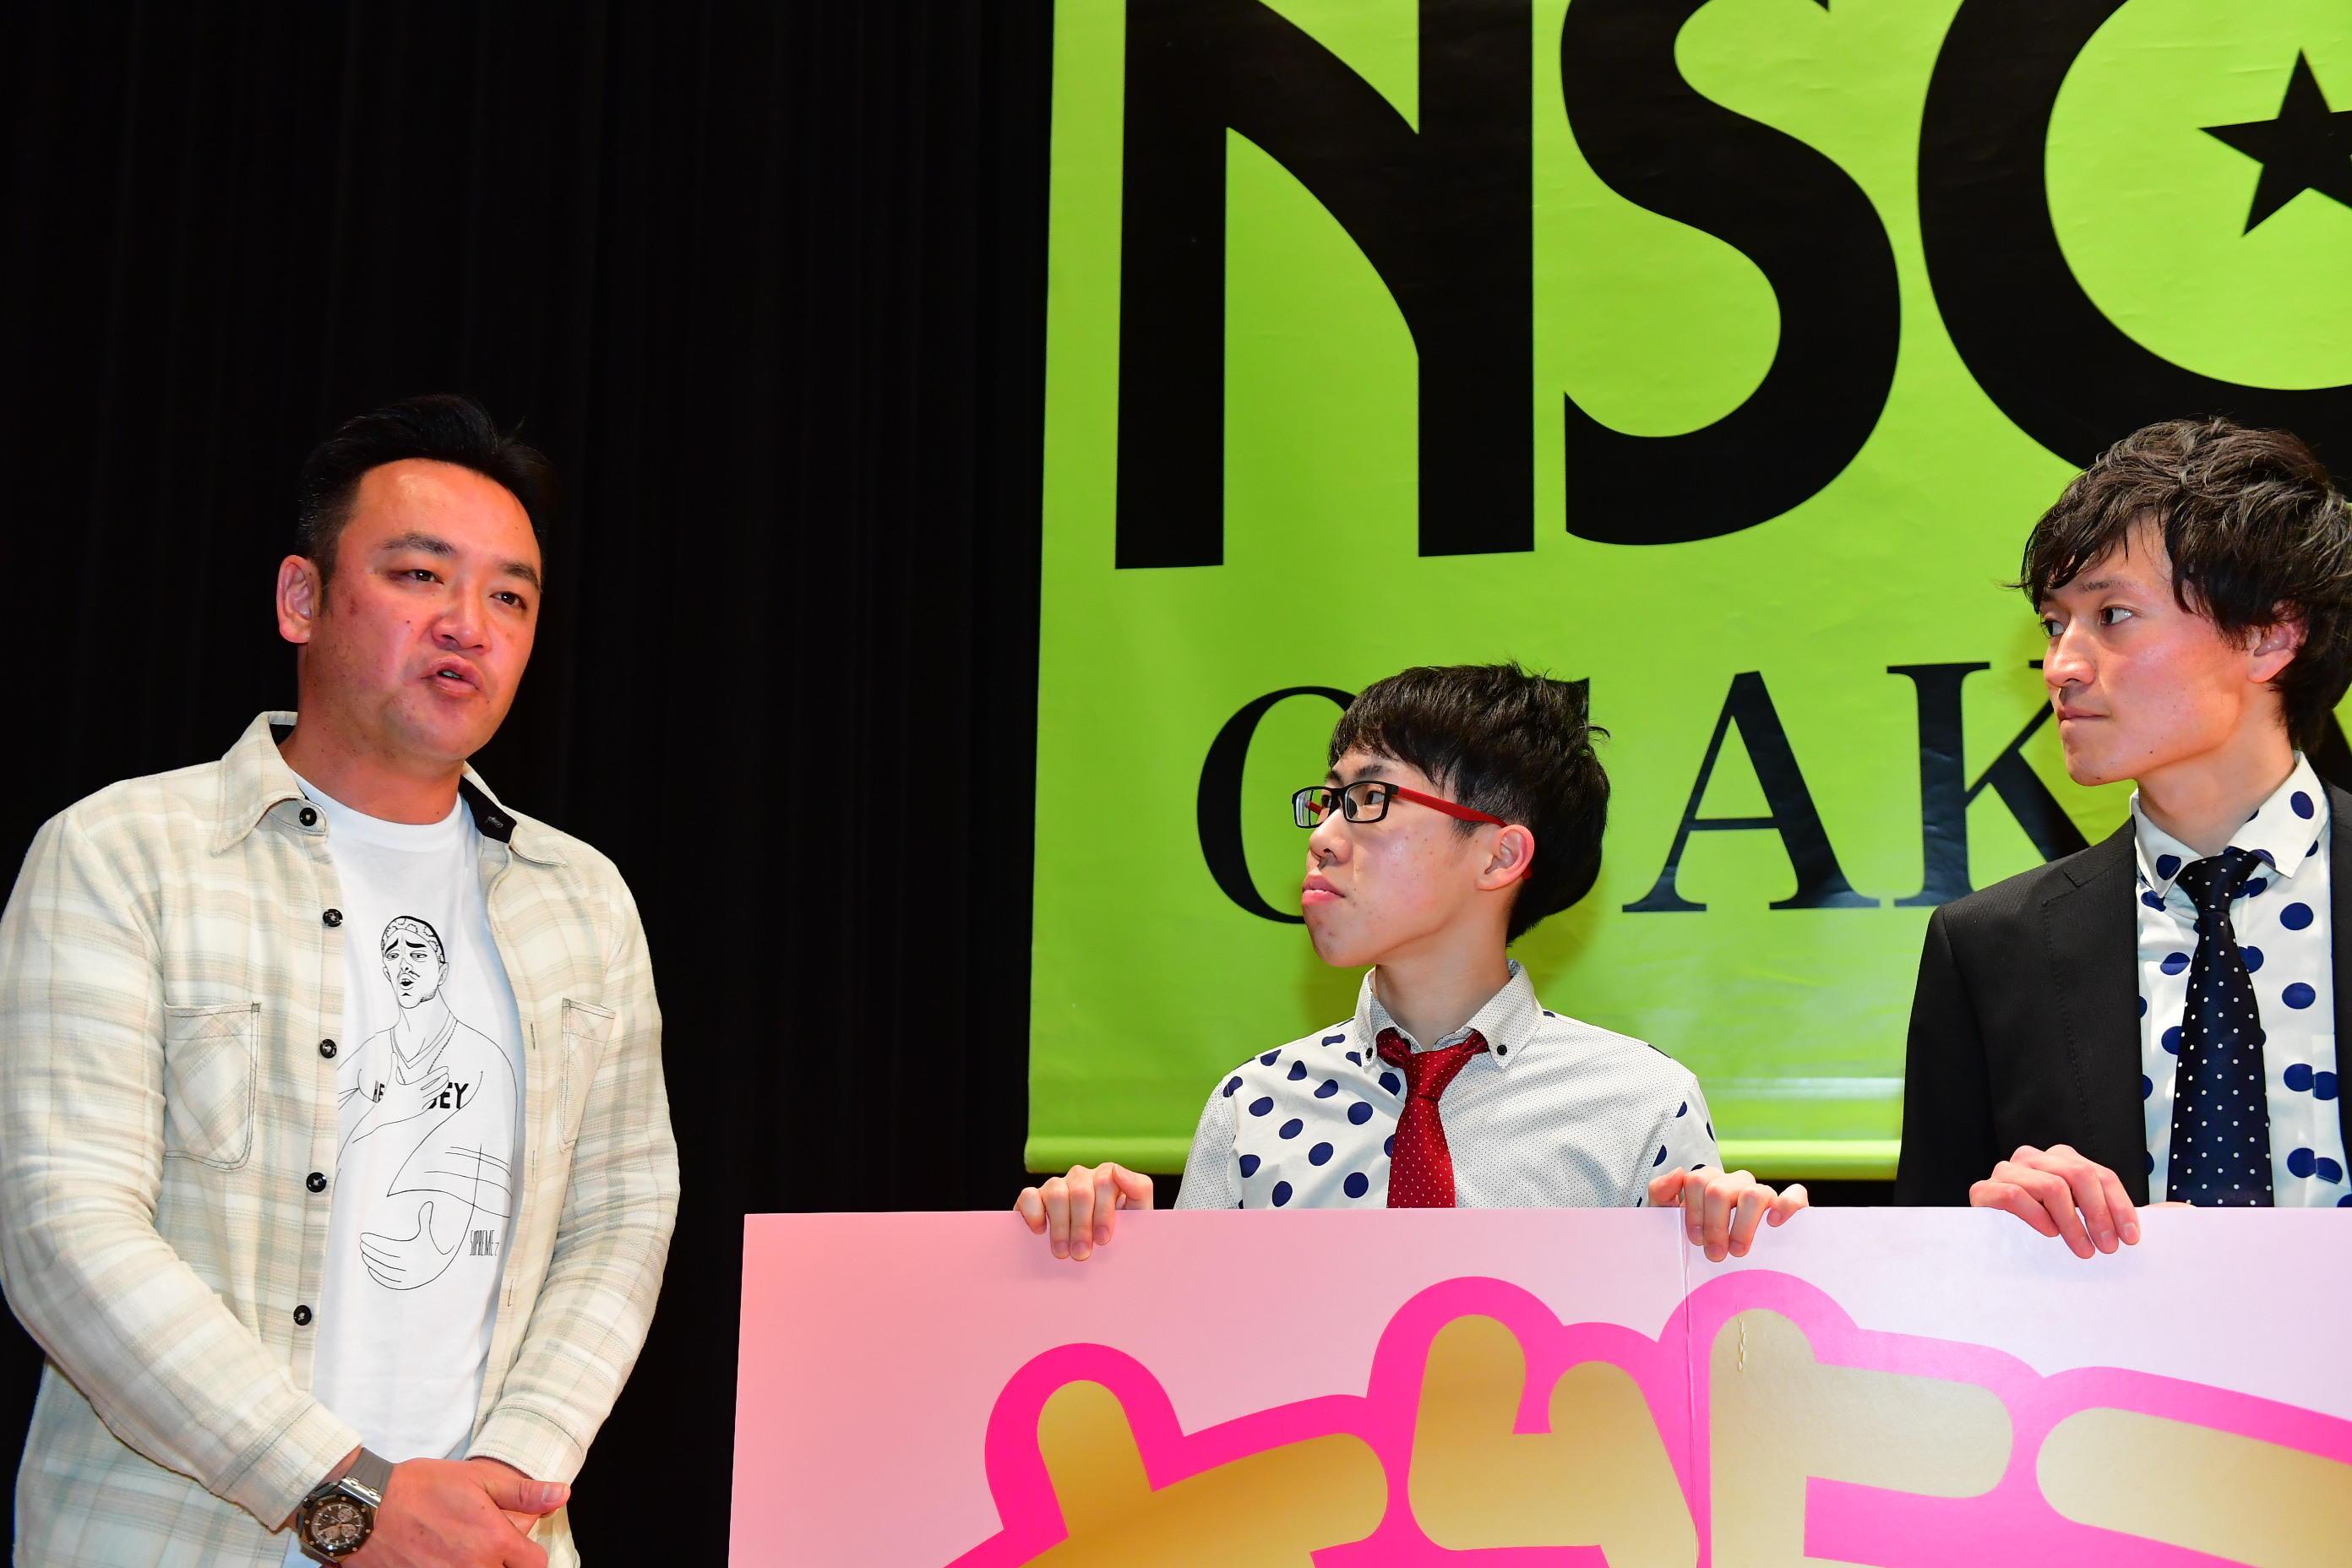 http://news.yoshimoto.co.jp/20180228001833-2eb84376d916acb793f870c36e7a35180cdc7d41.jpg